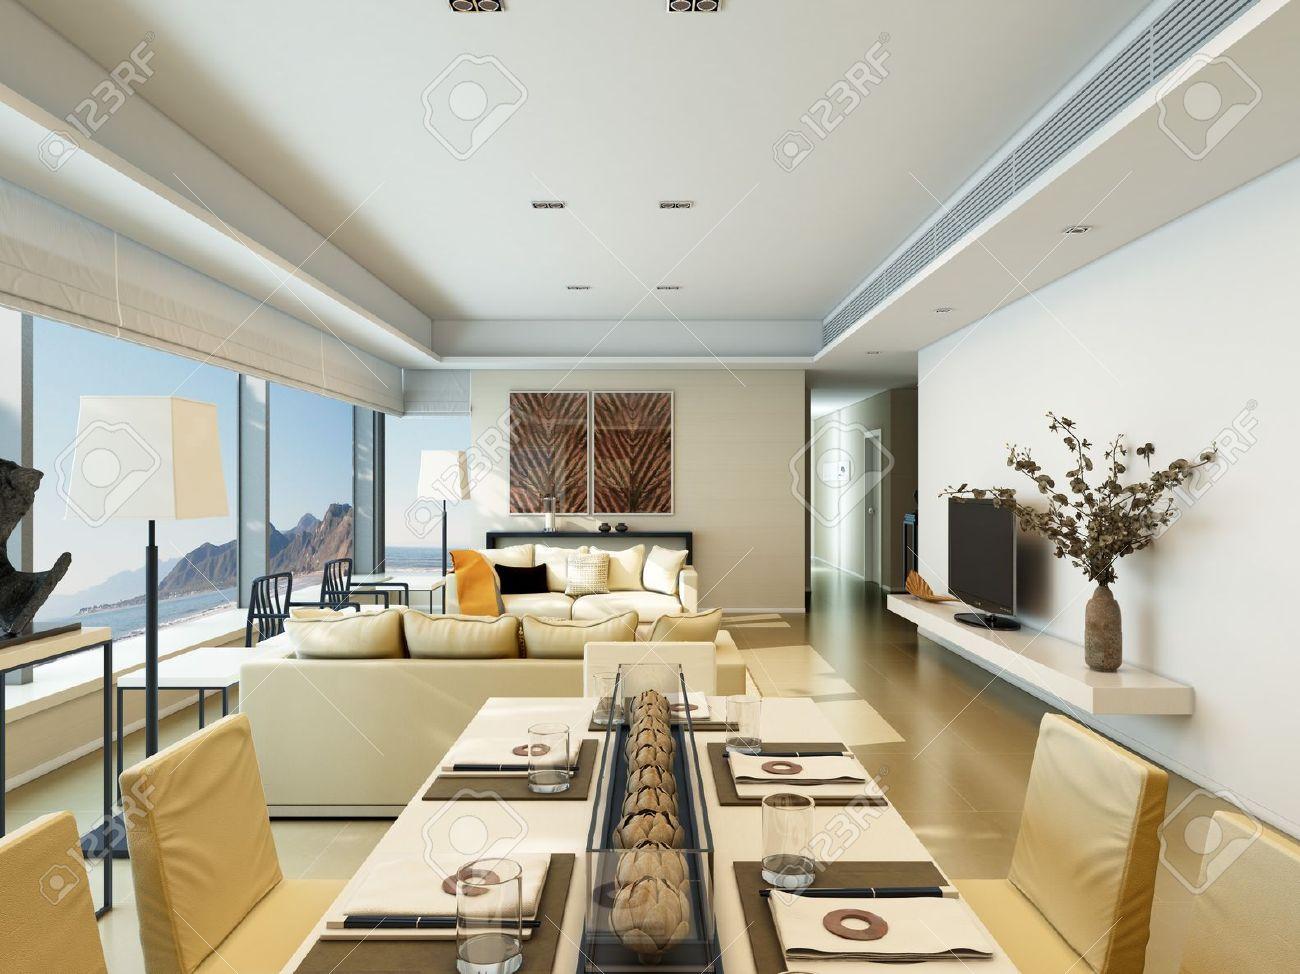 Intérieur d\'une maison moderne avec salon et salle à manger, sur le littoral